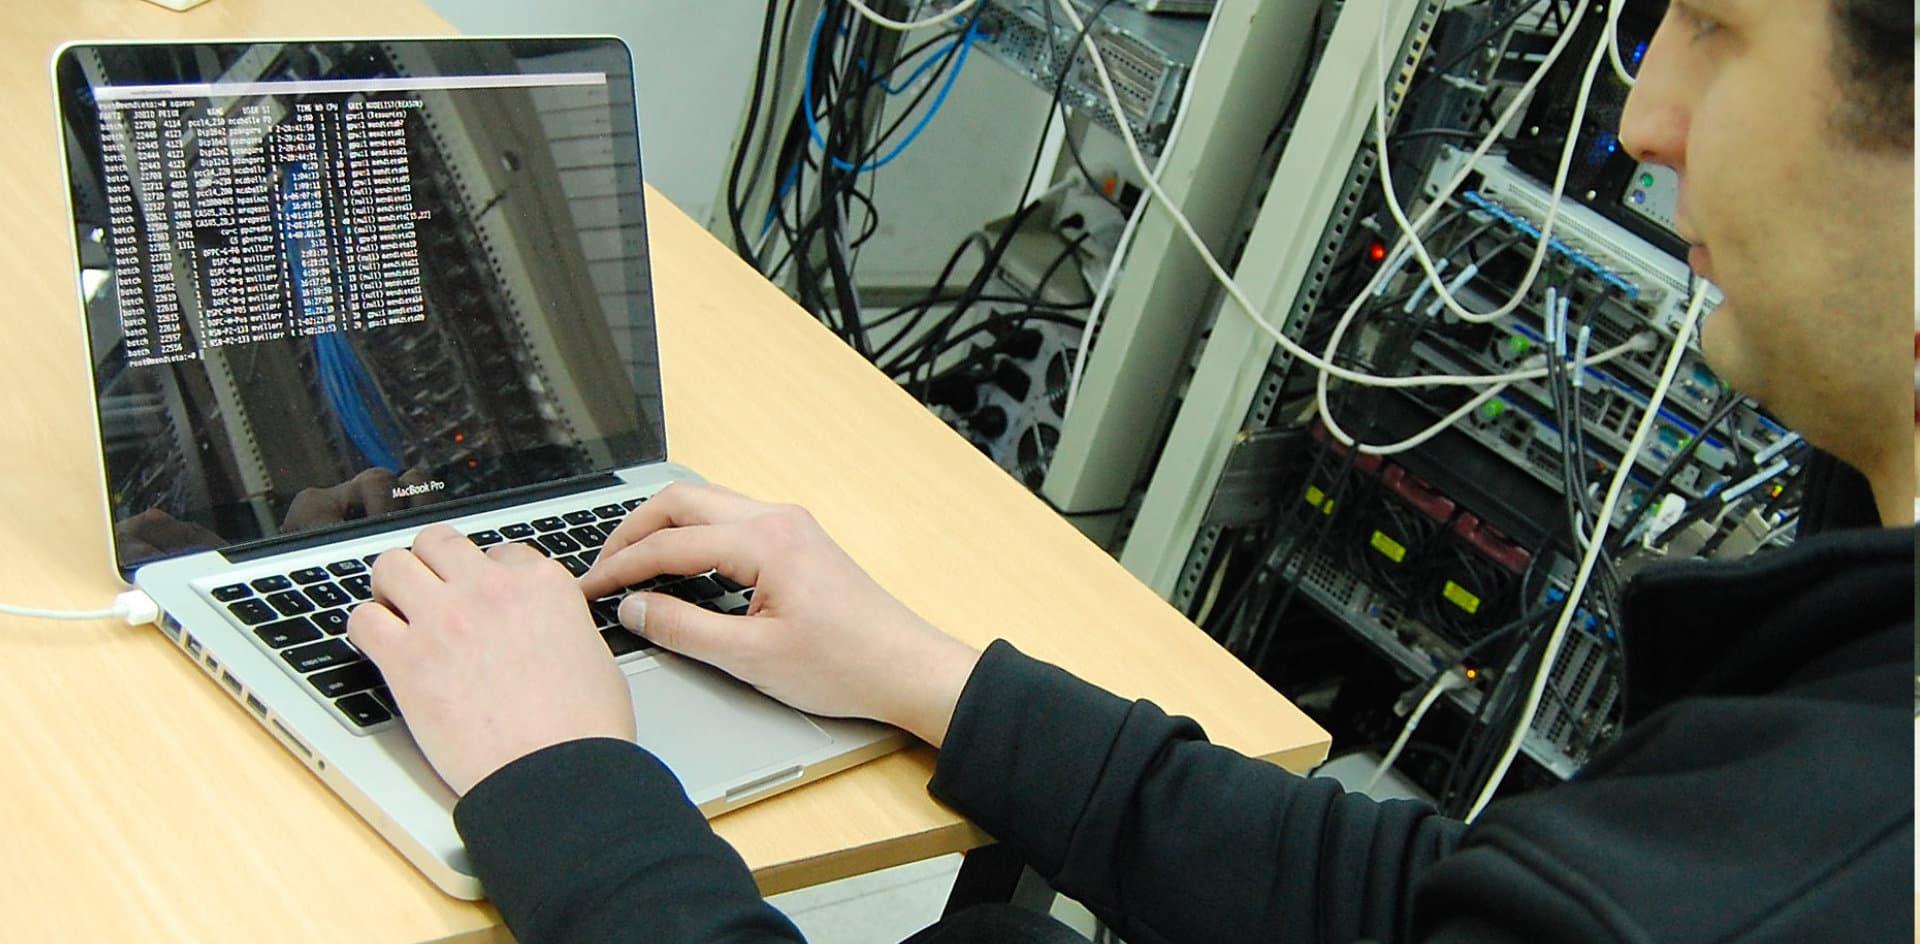 IBM premió a investigadores en computación de la UNC